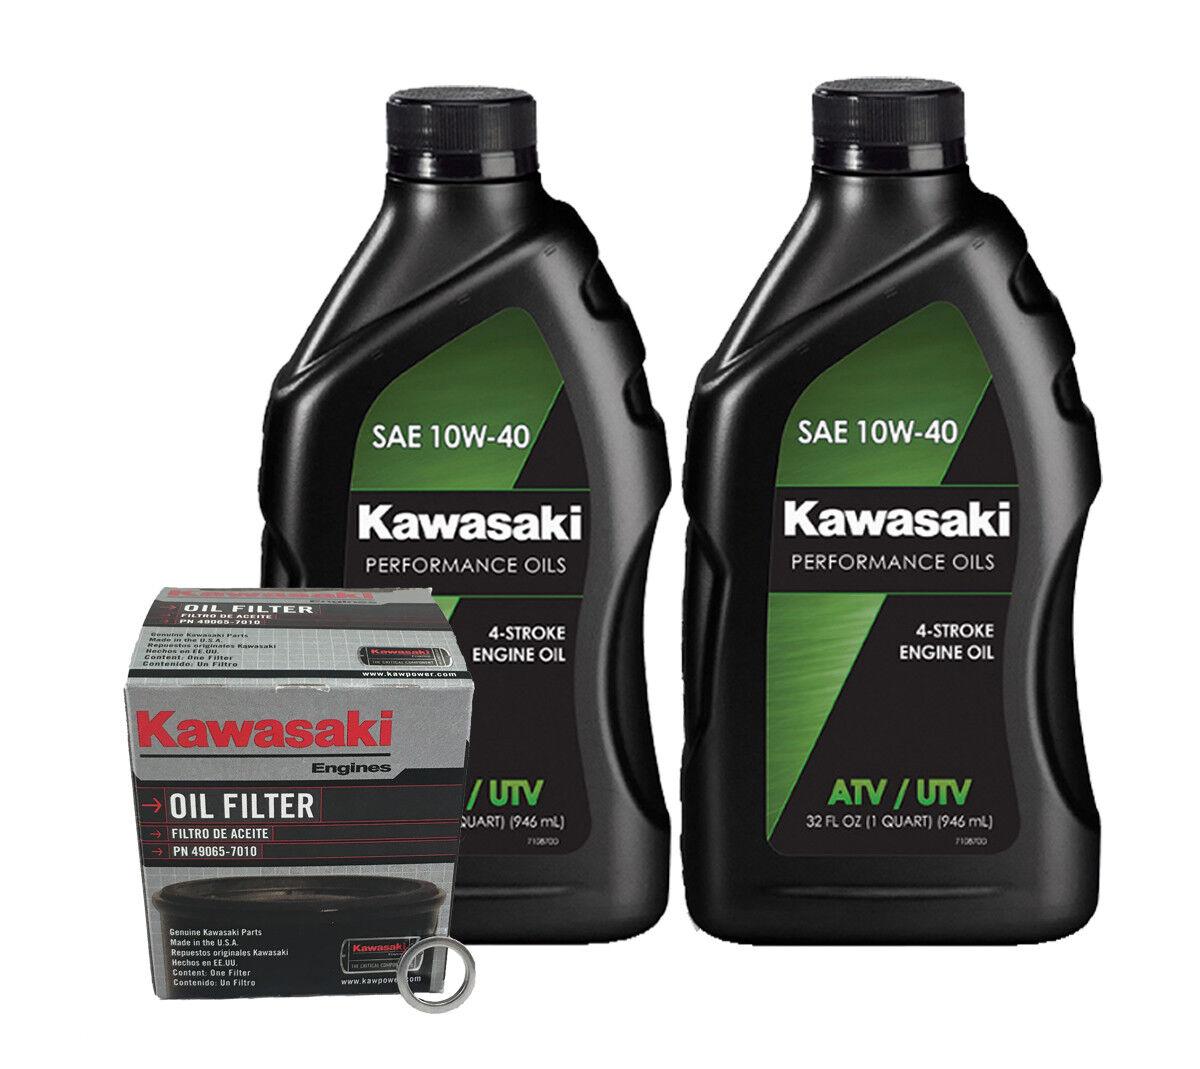 Kawasaki KAF 400 MULE 600/610/SX (05-18) Conventional Oil Change Kit